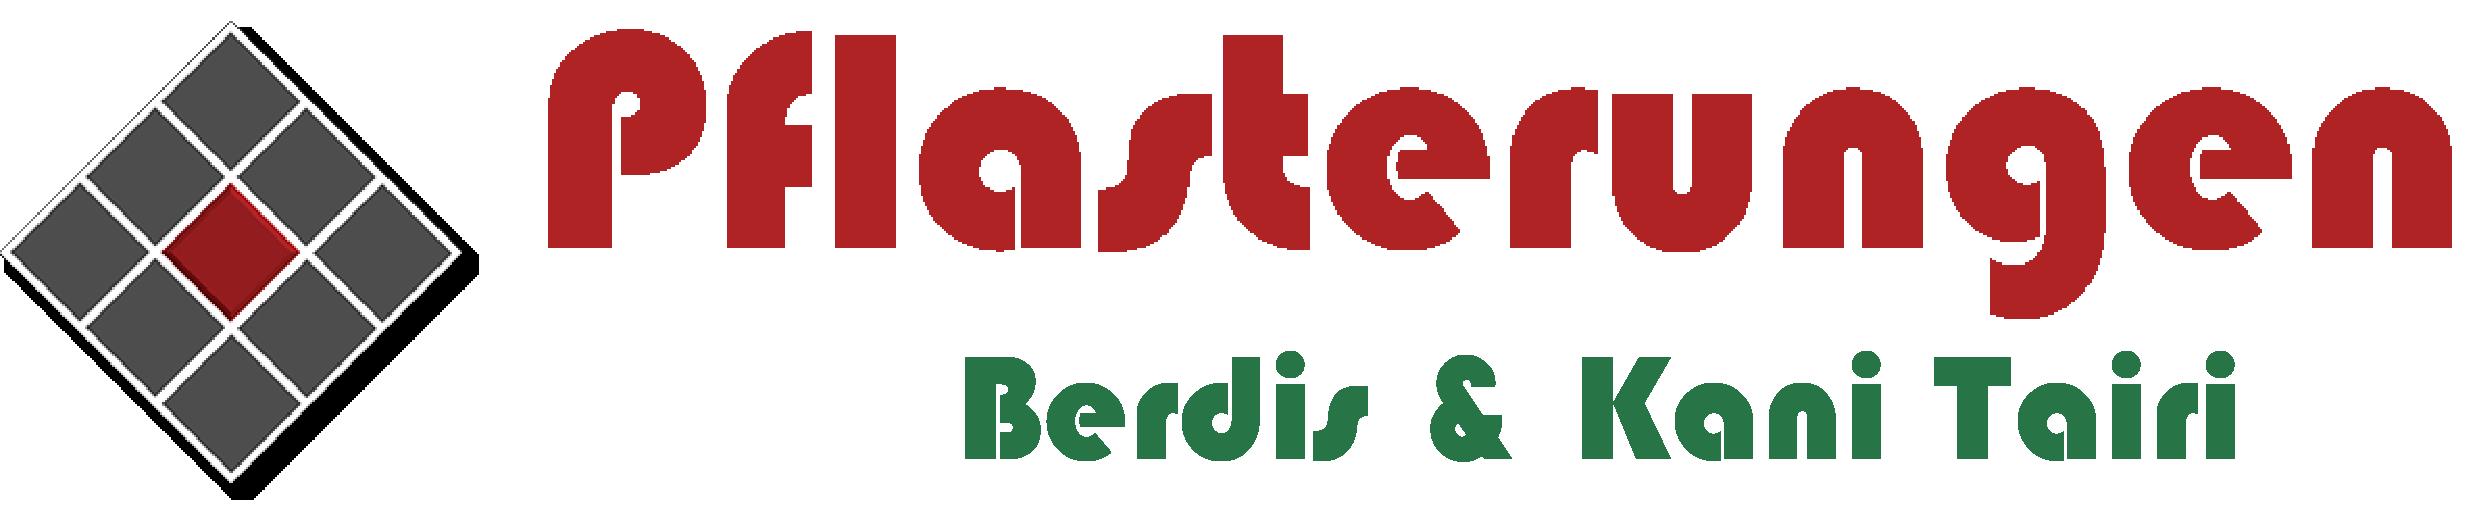 Pflasterungen Berdis & Skelzan Tairi aus OÖ | Pflasterungen Berdis & Skelzan Tairi ist Ihr Ansprechpartner rund um Naturstein-, Kunststein-, Beton- oder Kalksteinpflaster aus Attnang-Puchheim in Oberösterreich